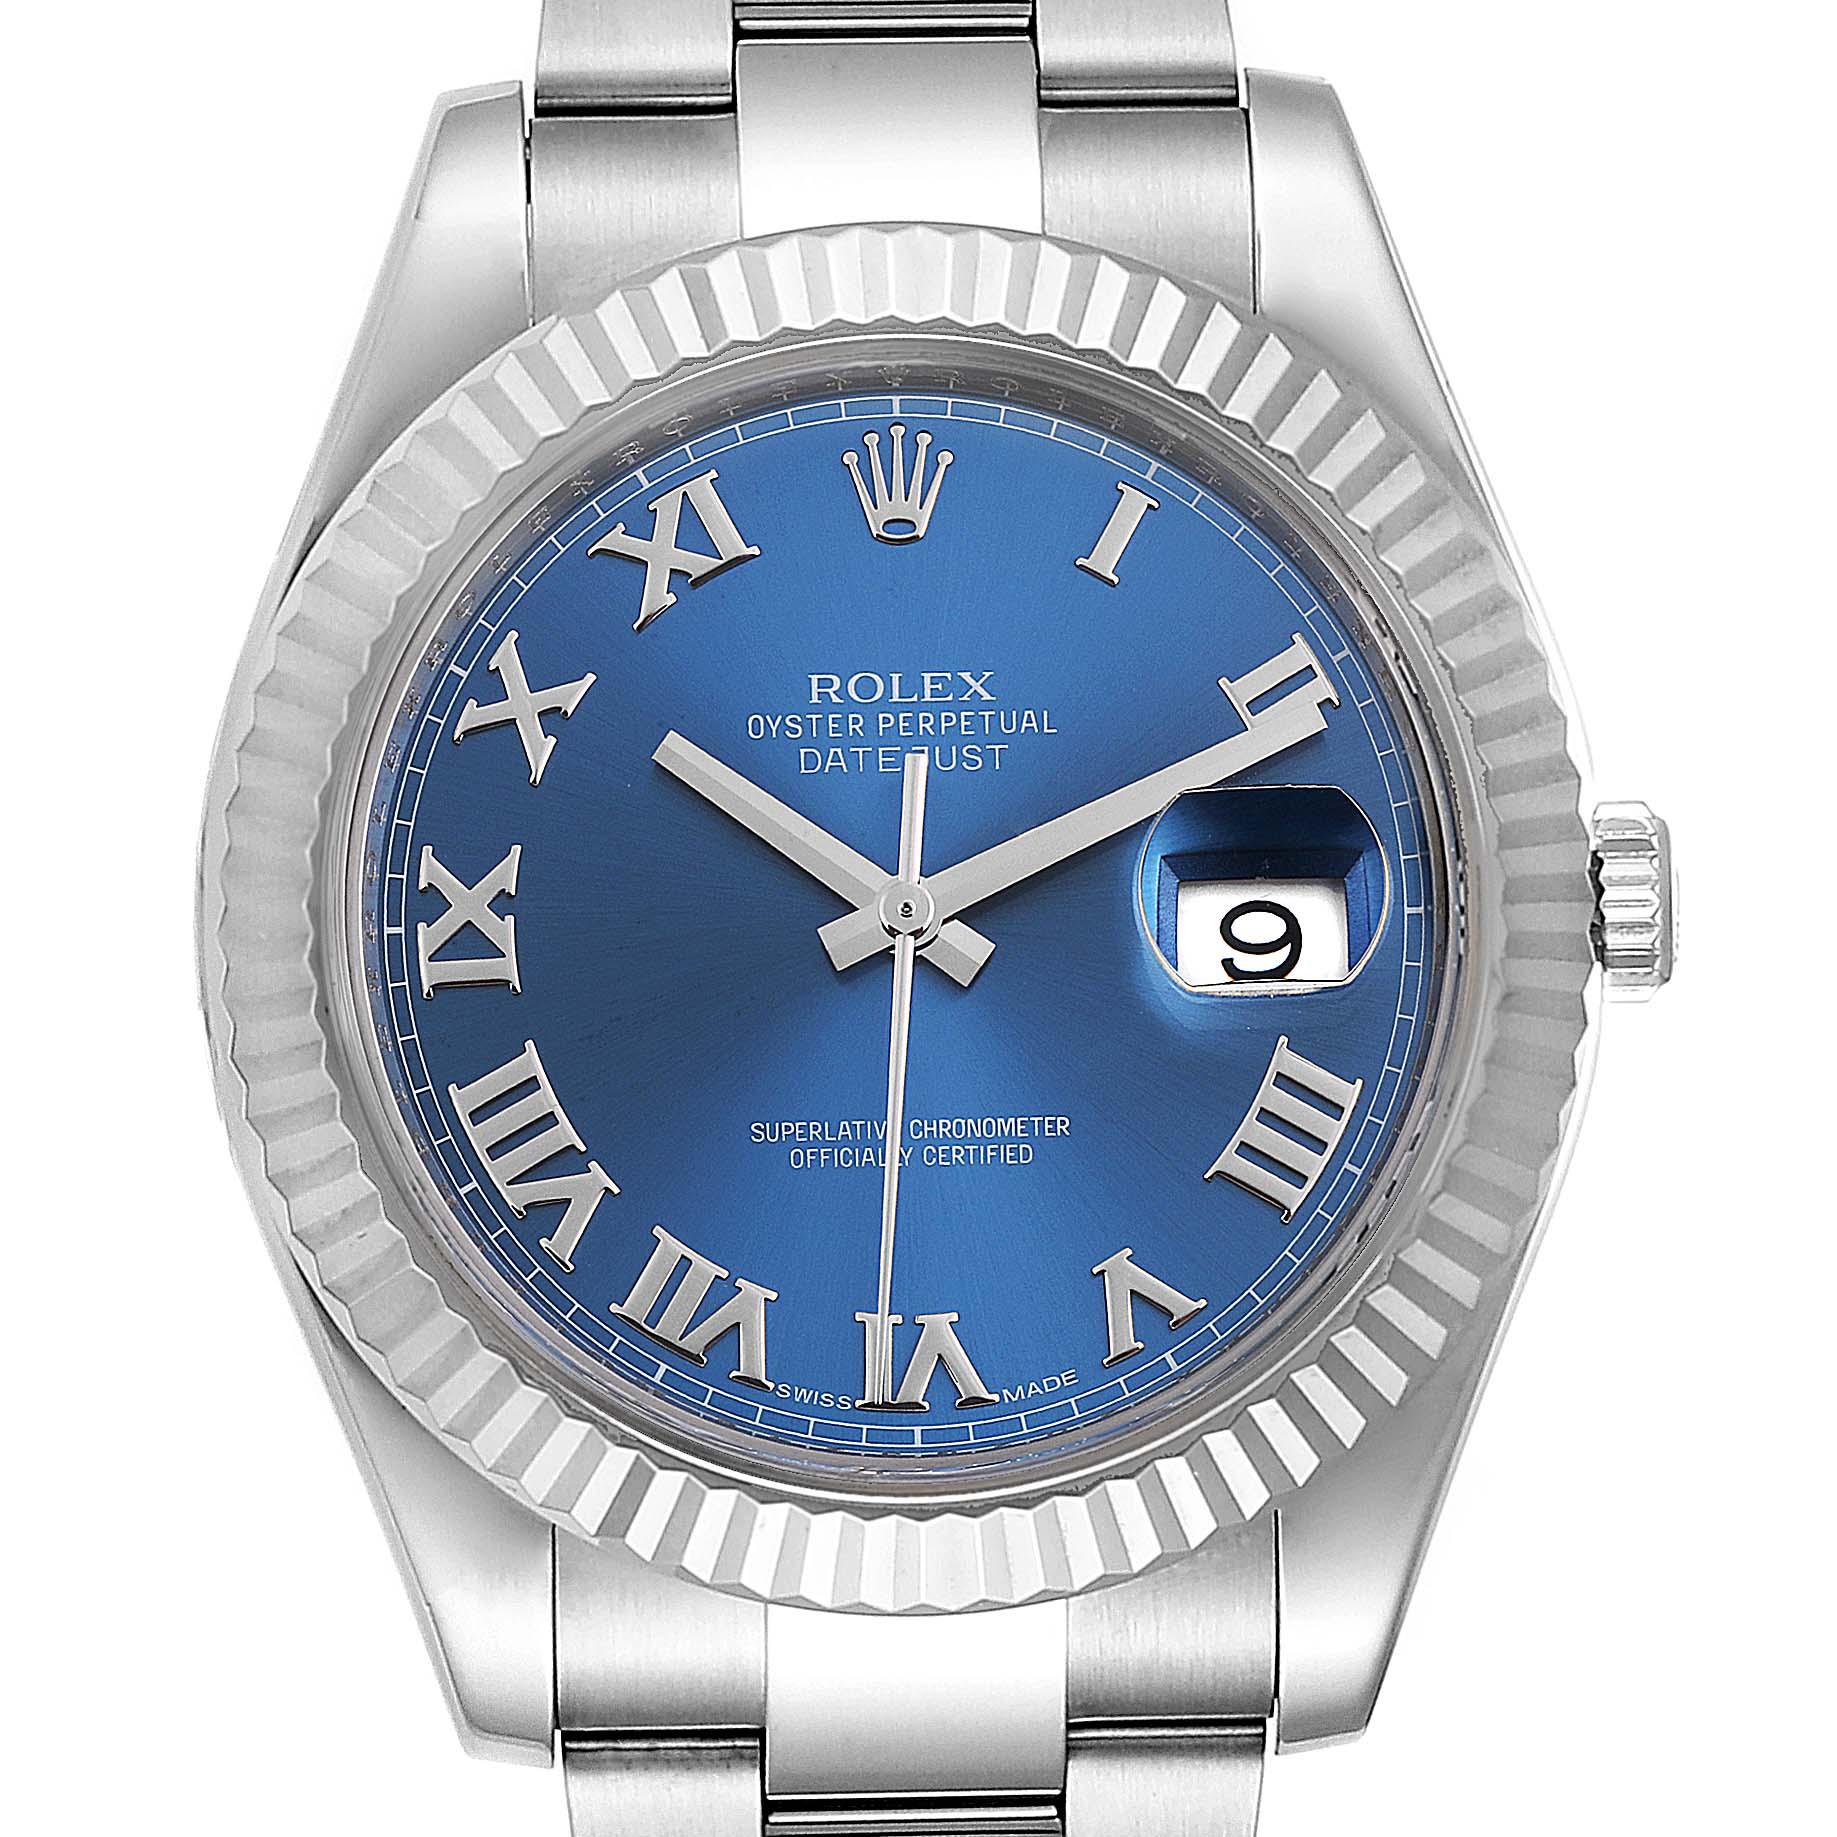 Rolex Datejust II Blue Roman Dial Fluted Bezel Watch 116334 Box Card